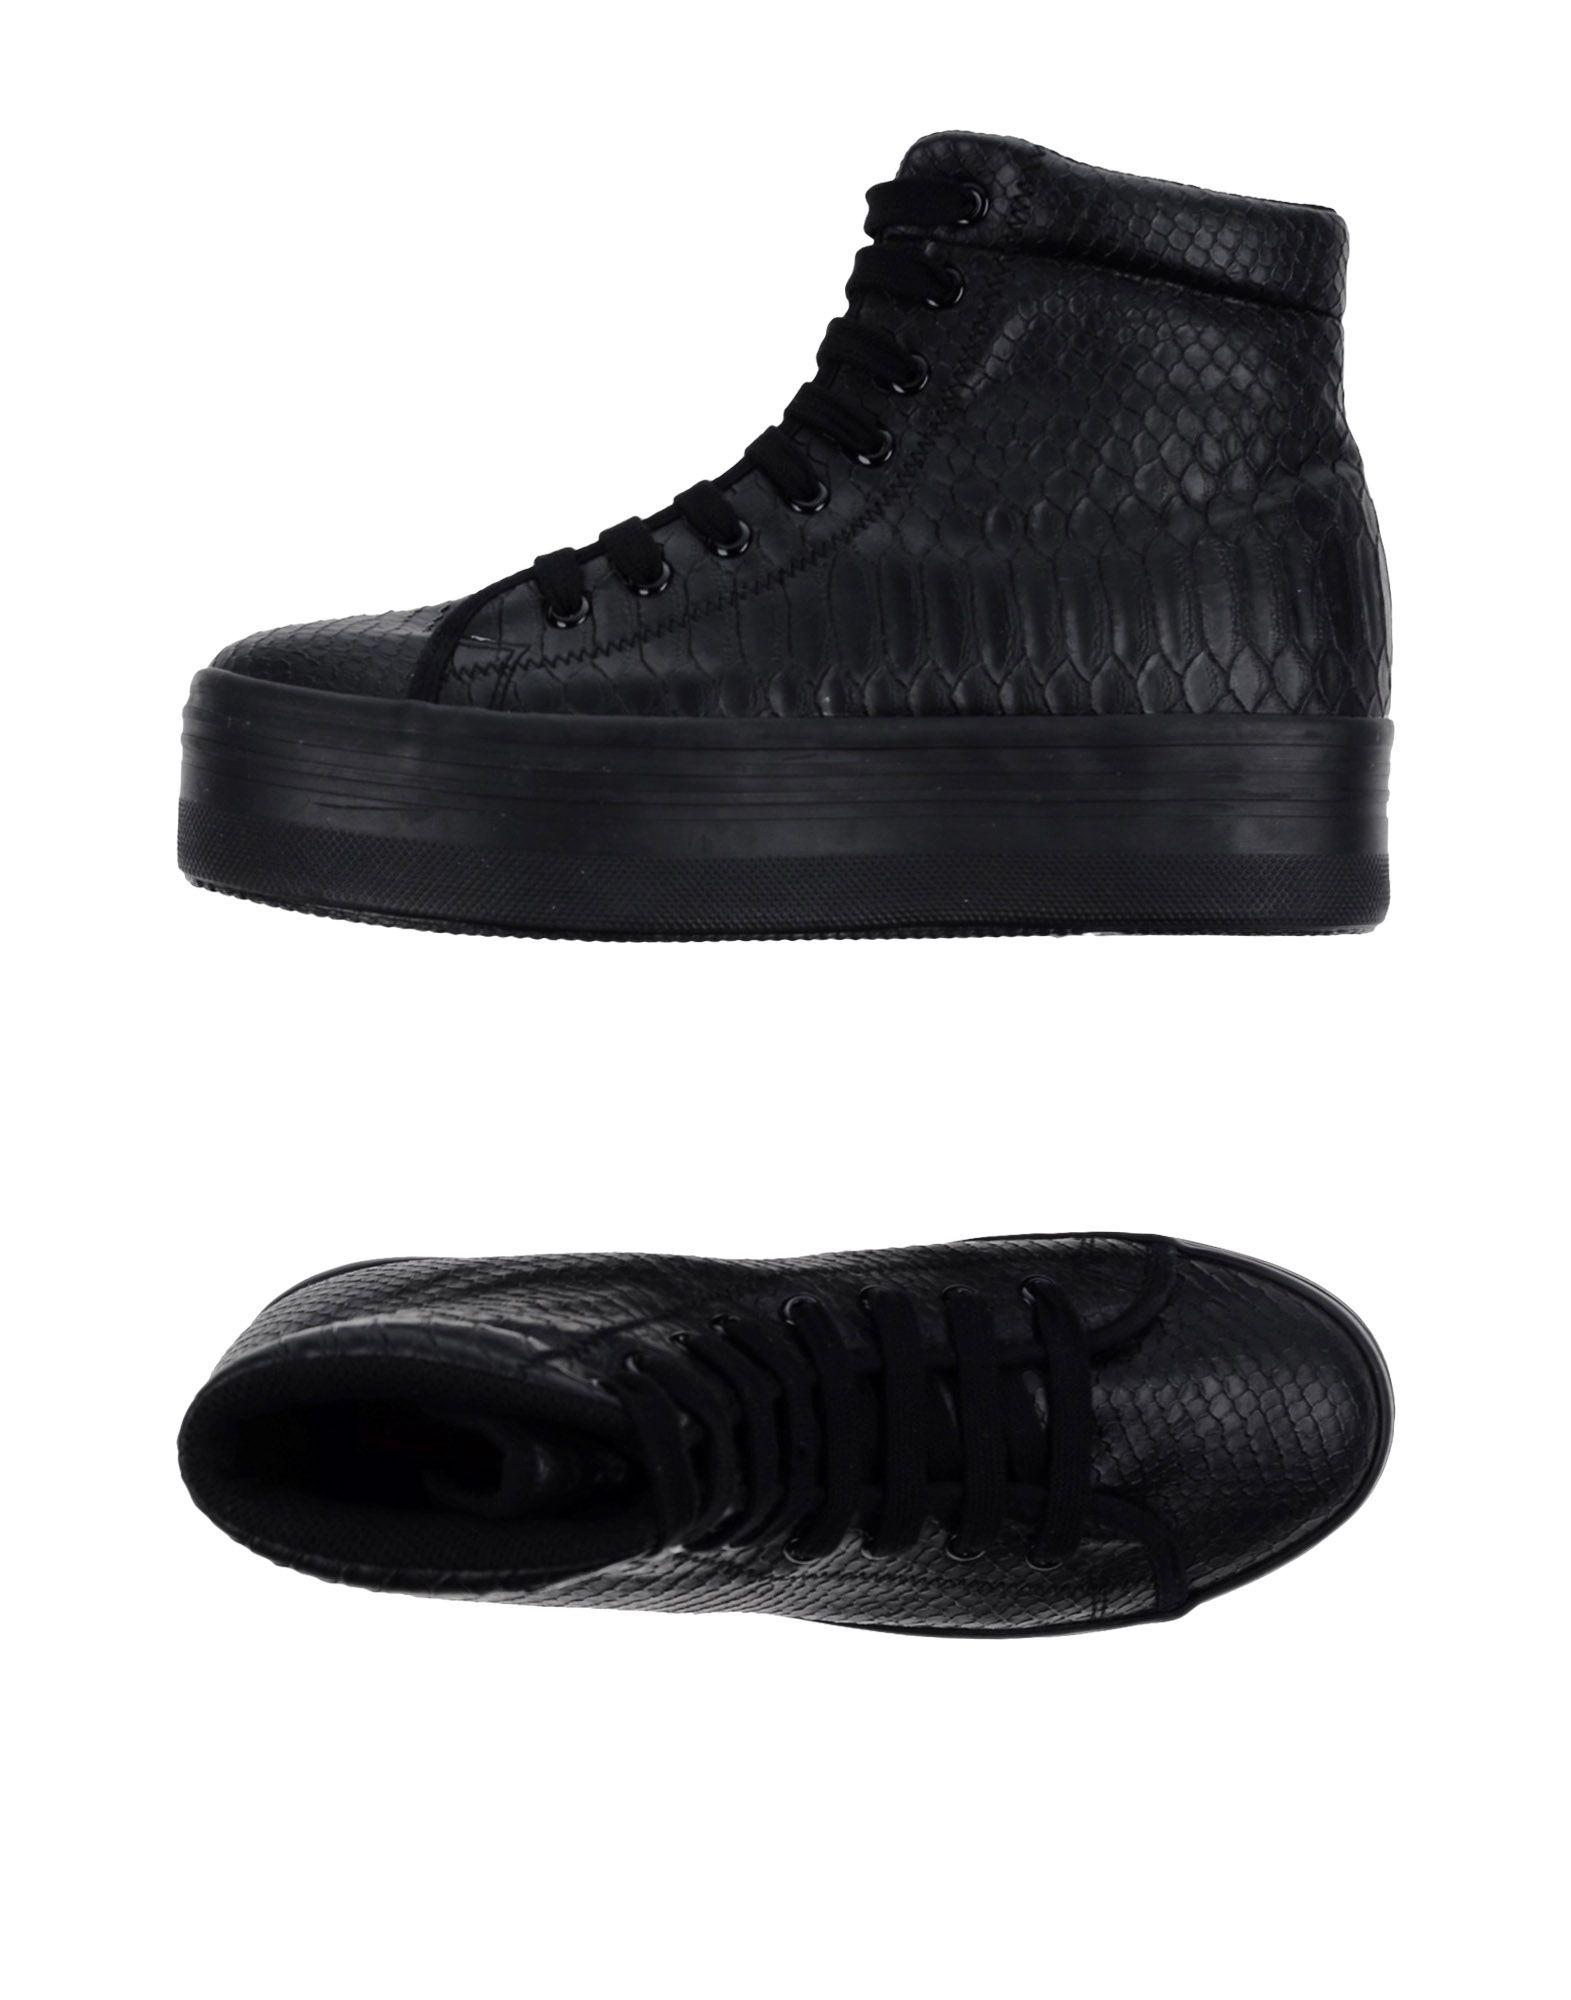 Jc Play By Jeffrey Campbell Sneakers Damen  11252079PS Gute Qualität beliebte Schuhe